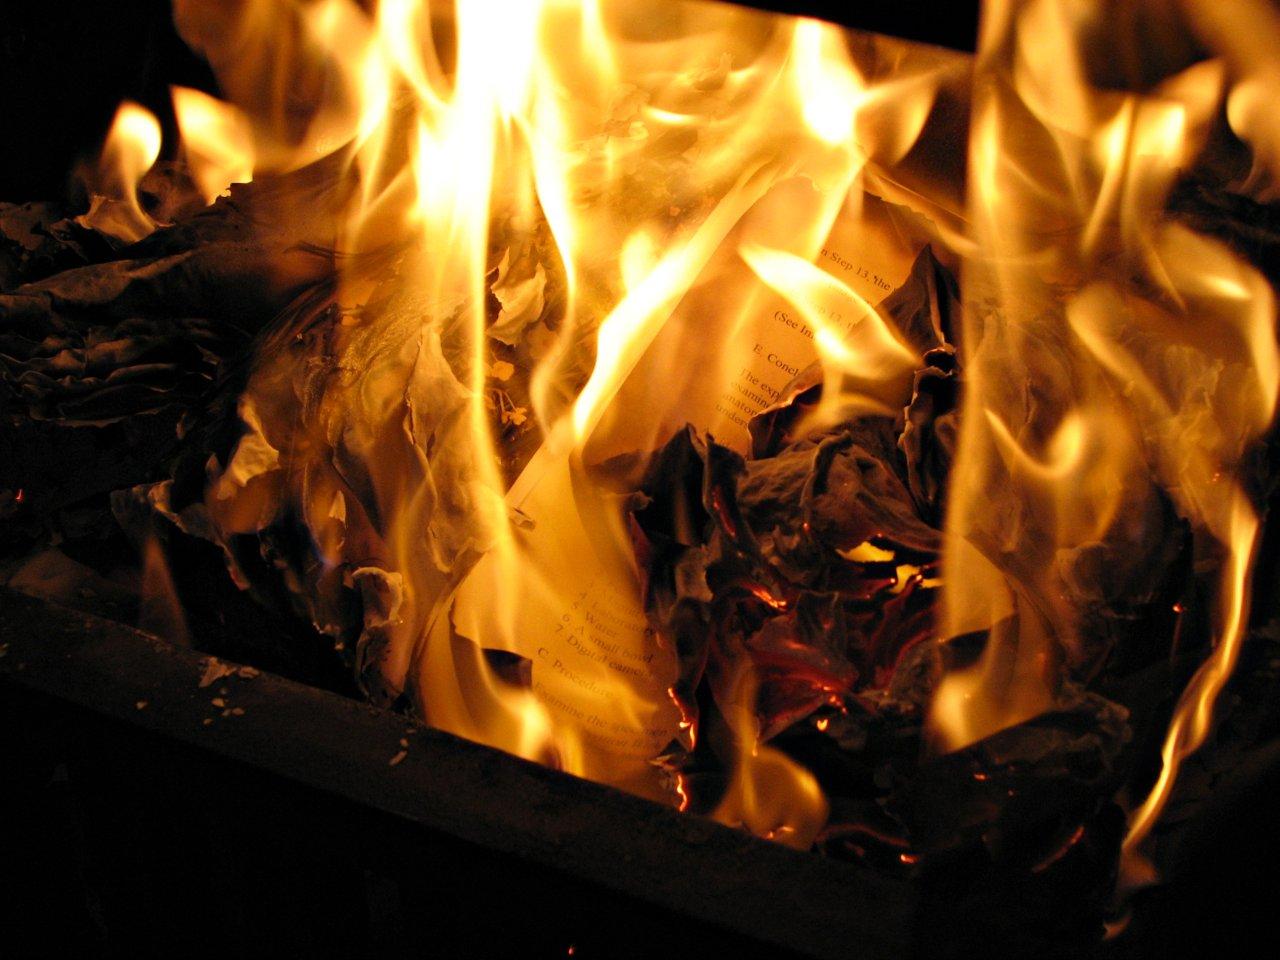 Burning the Evidence